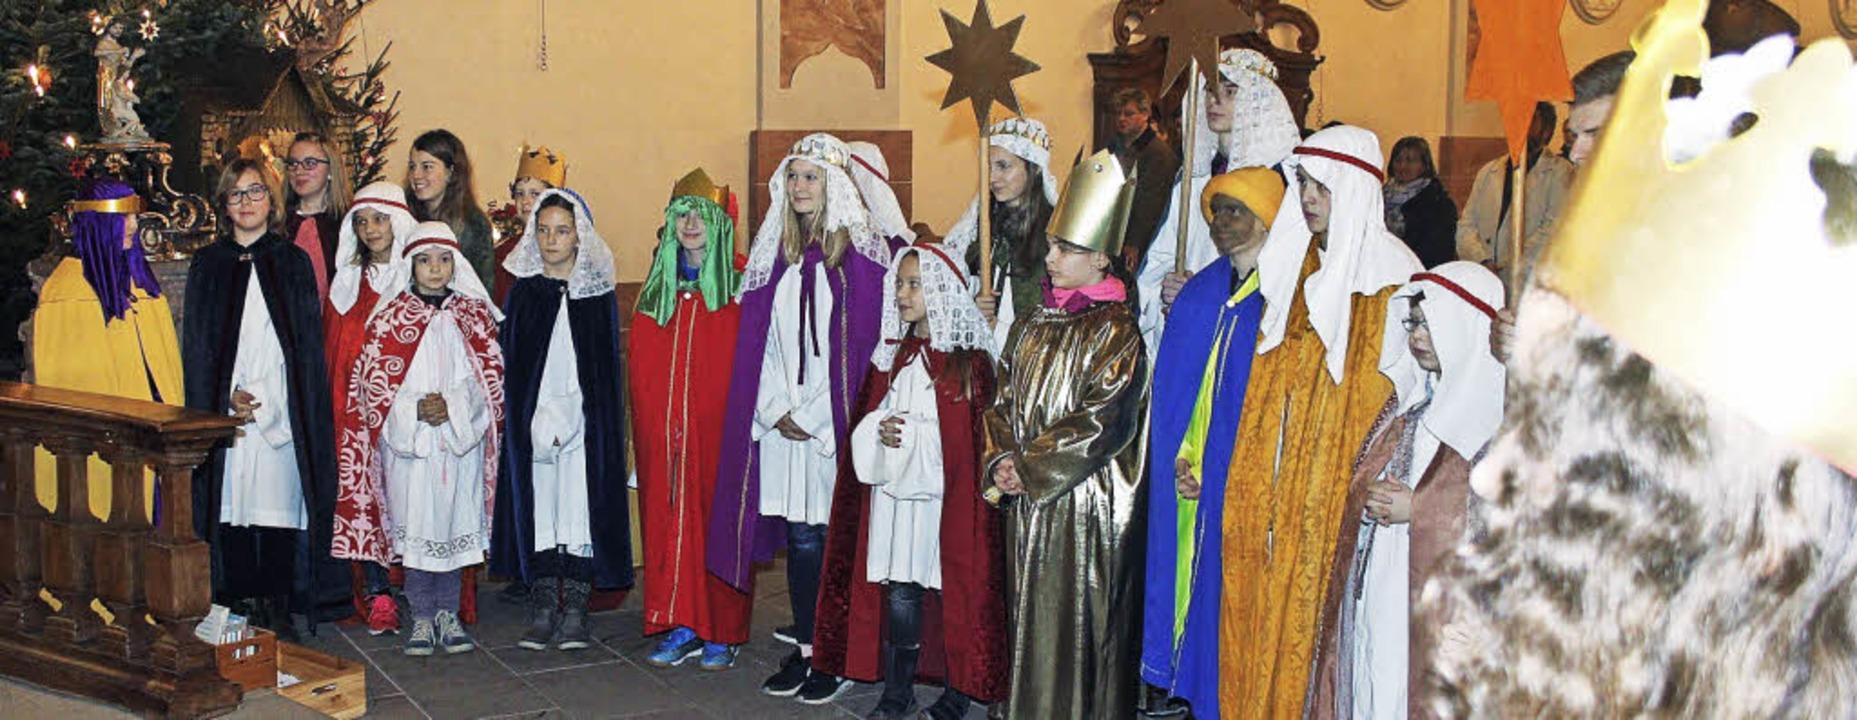 Die Sternsinger werden ausgesendet, ausgestattet mit einem besonderen Segen.     Foto: Herbert Birkle